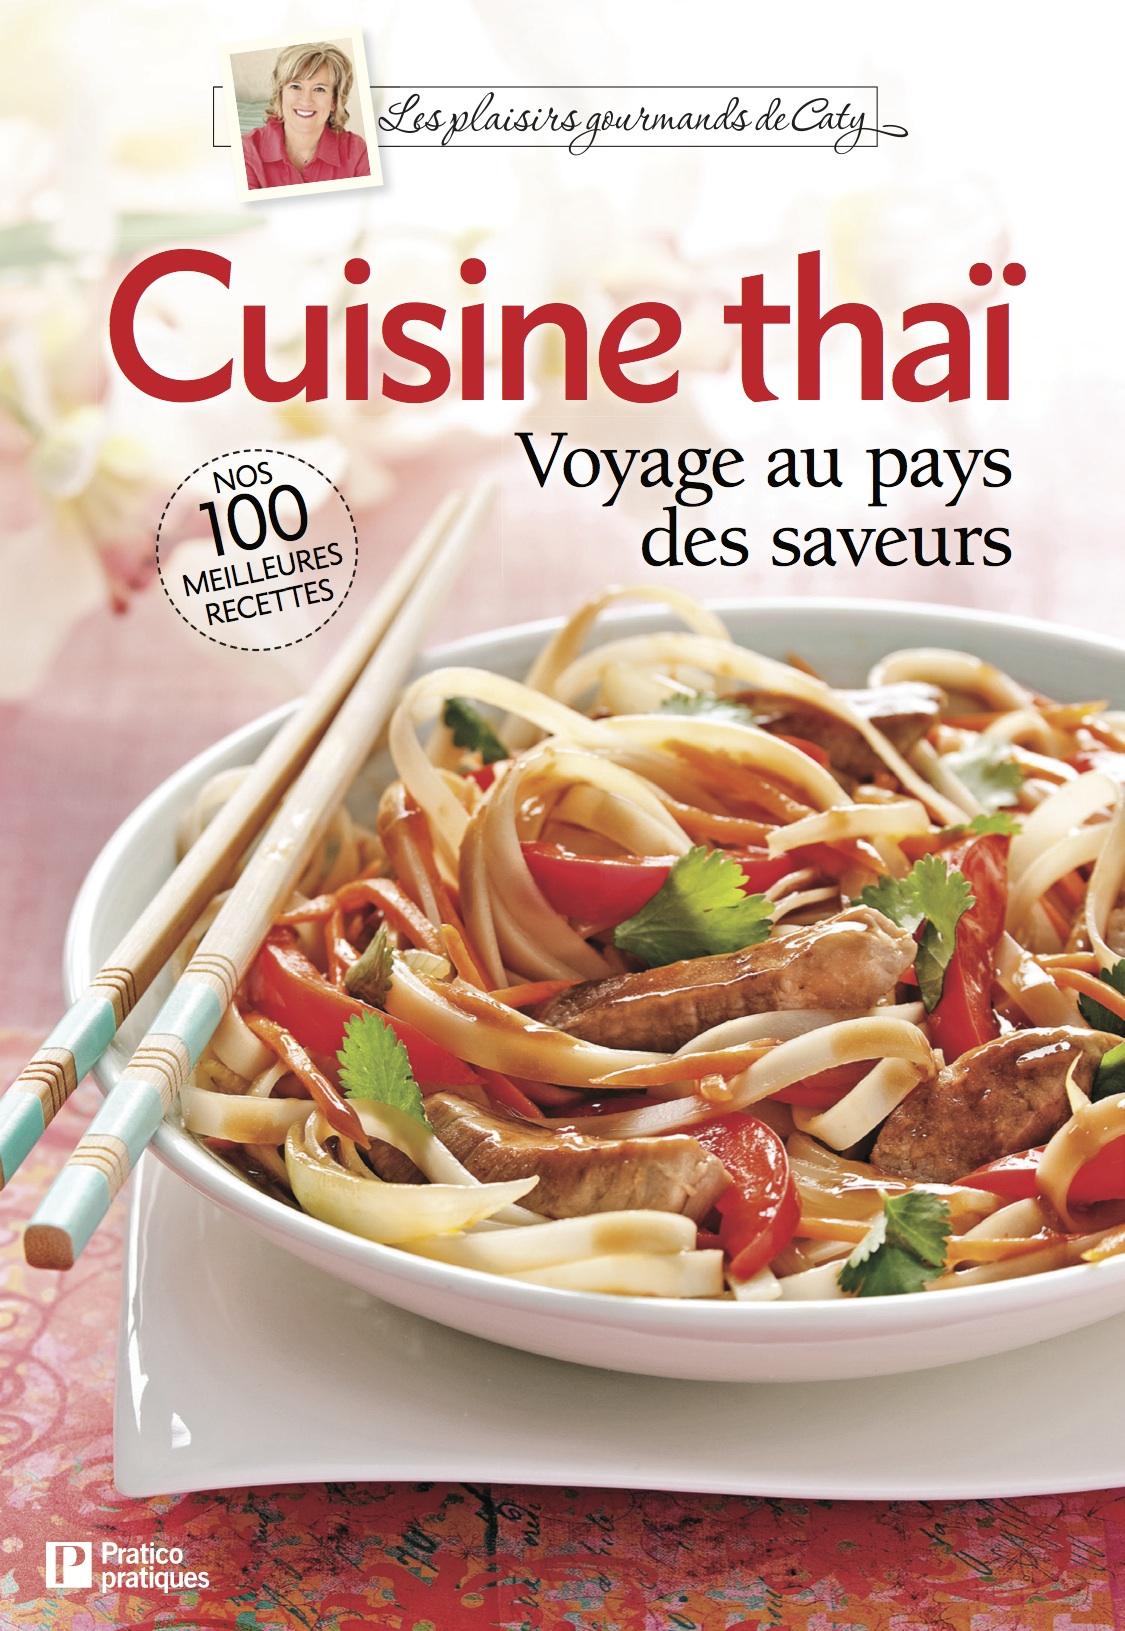 Les plaisirs gourmands de Caty Cuisine thaï